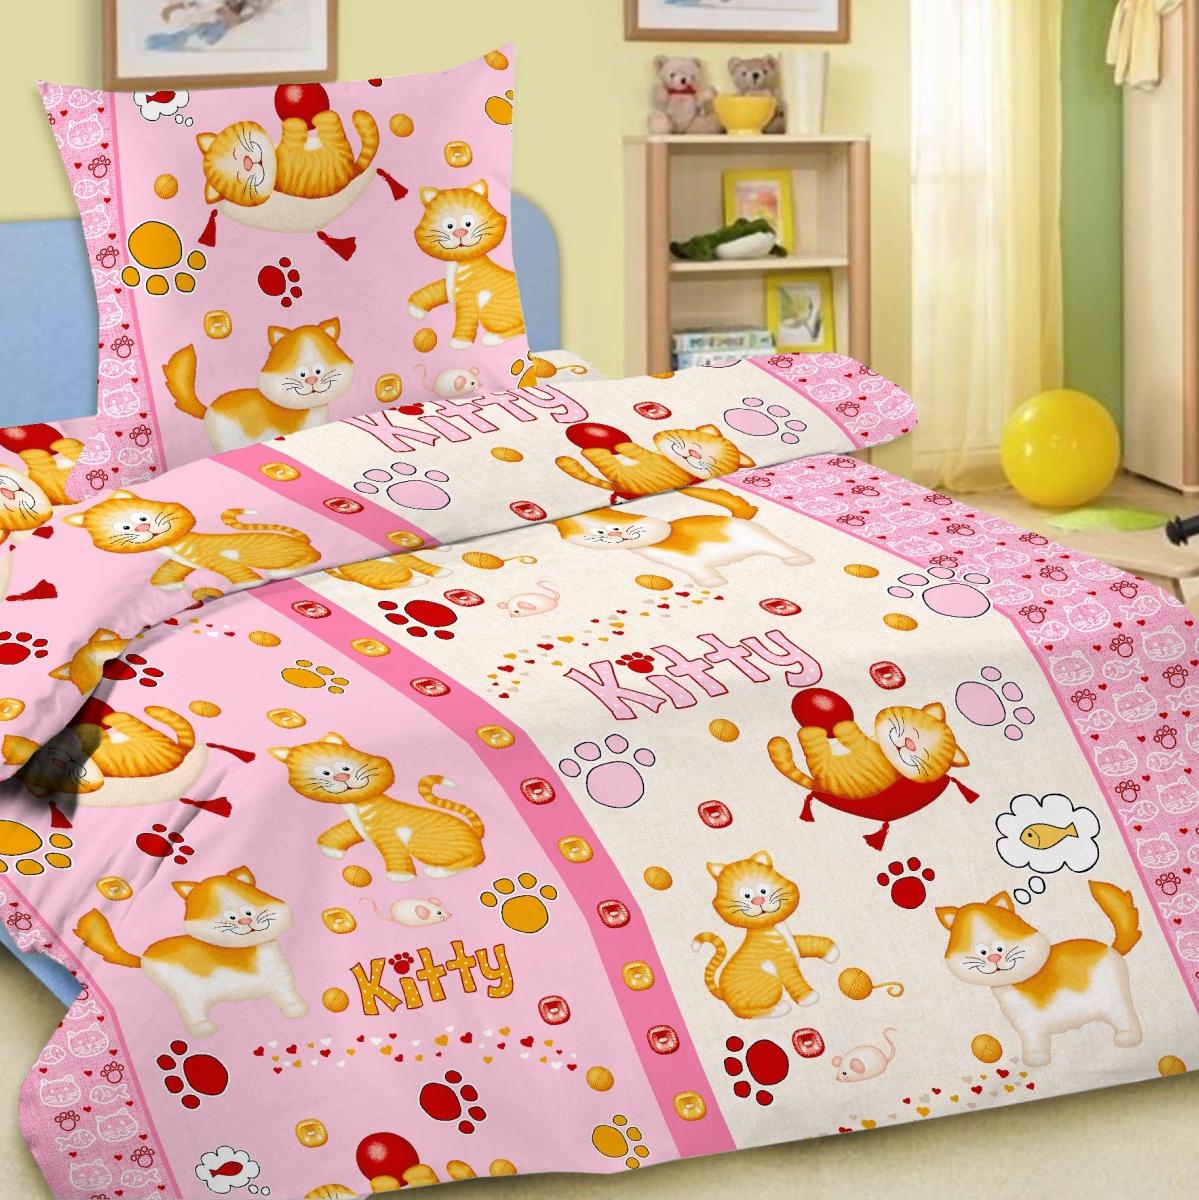 Letto Комплект детского постельного белья Китти цвет розовыйkitty_rose-50Letto.kids - это веселые детские и подростковые дизайны, в хлопковом исполнении с хорошими устойчивыми красителями и все это по очень доступной цене! Такое белье прослужит долго и выдержит много стирок. Рисунок на наволочке может отличаться от представленного на фото.